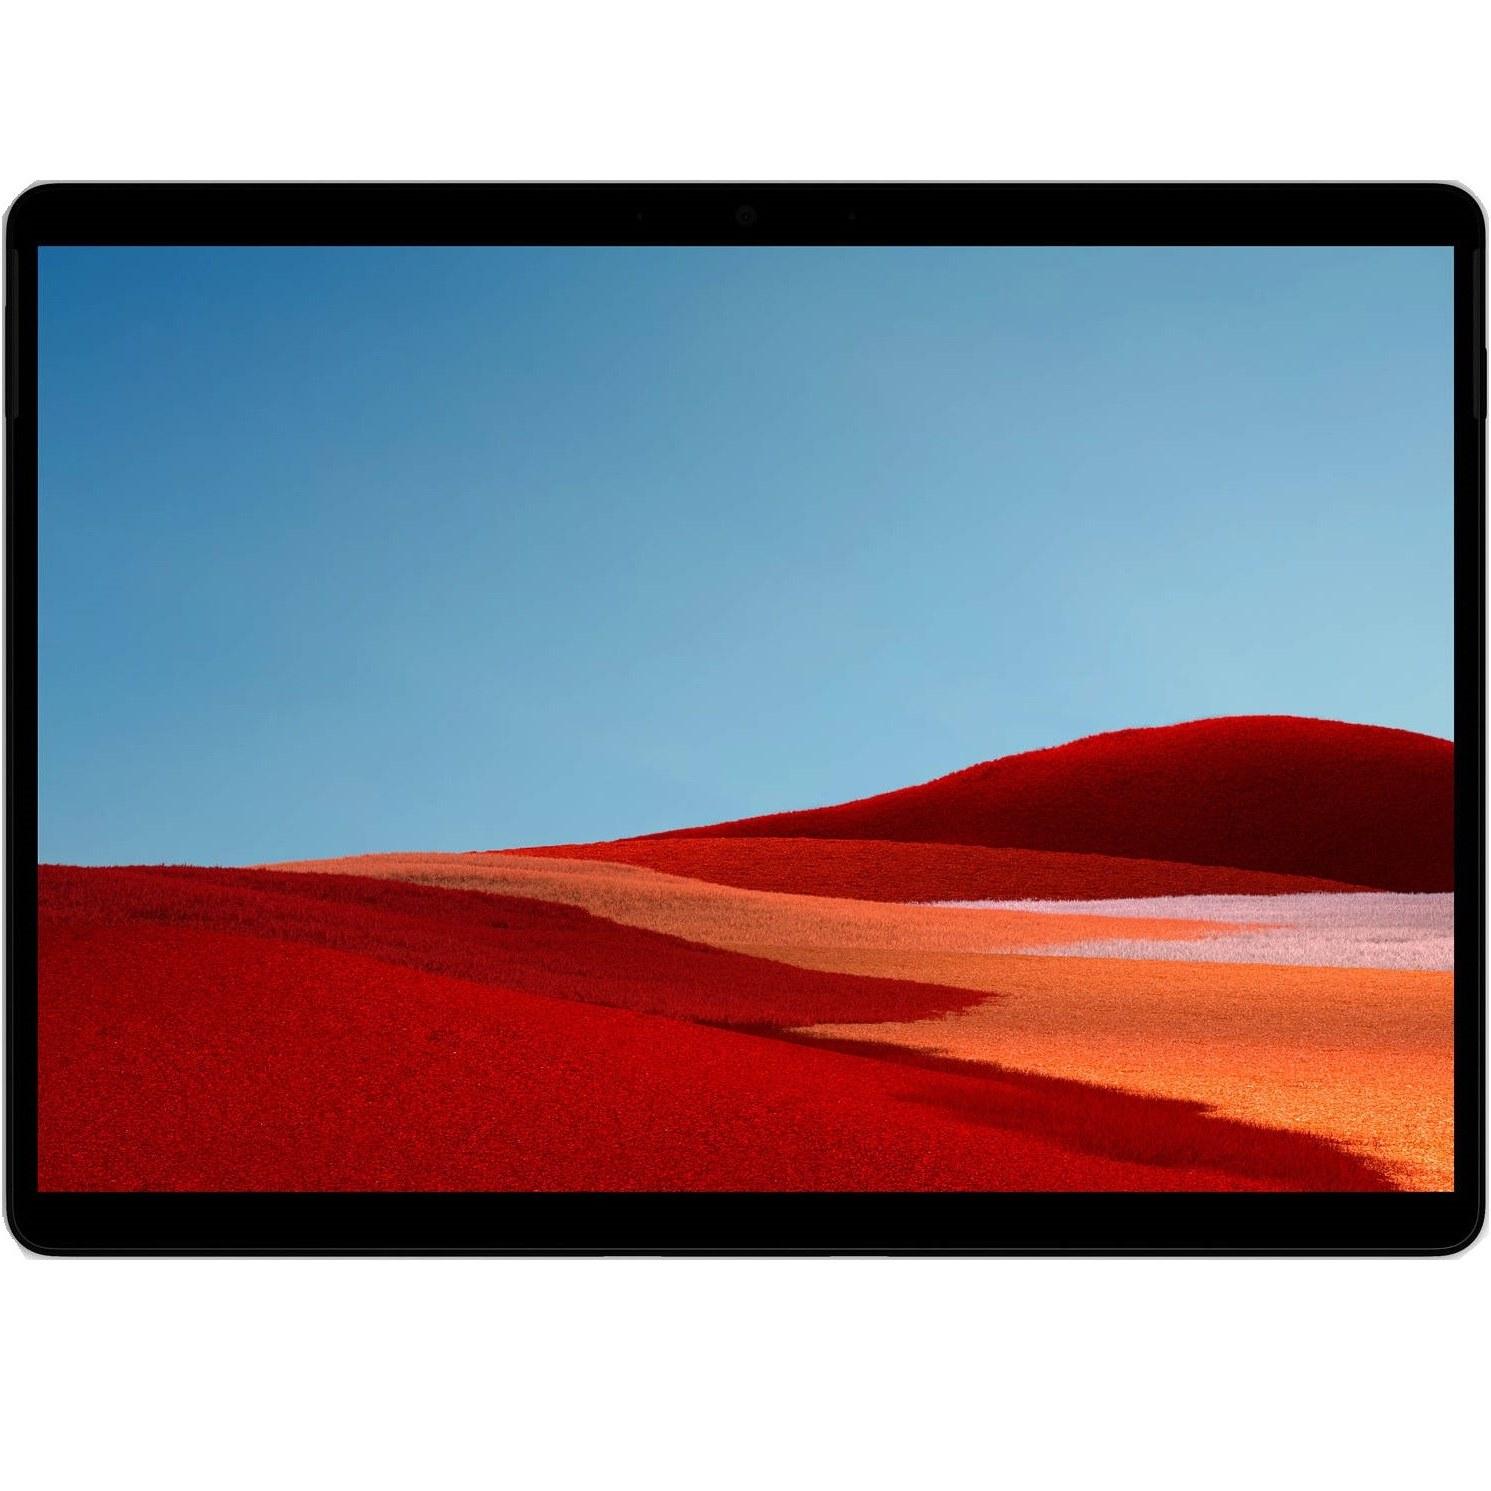 تصویر تبلت مایکروسافت مدل  Surface Pro X LTE – B ظرفیت 256 گیگابایت